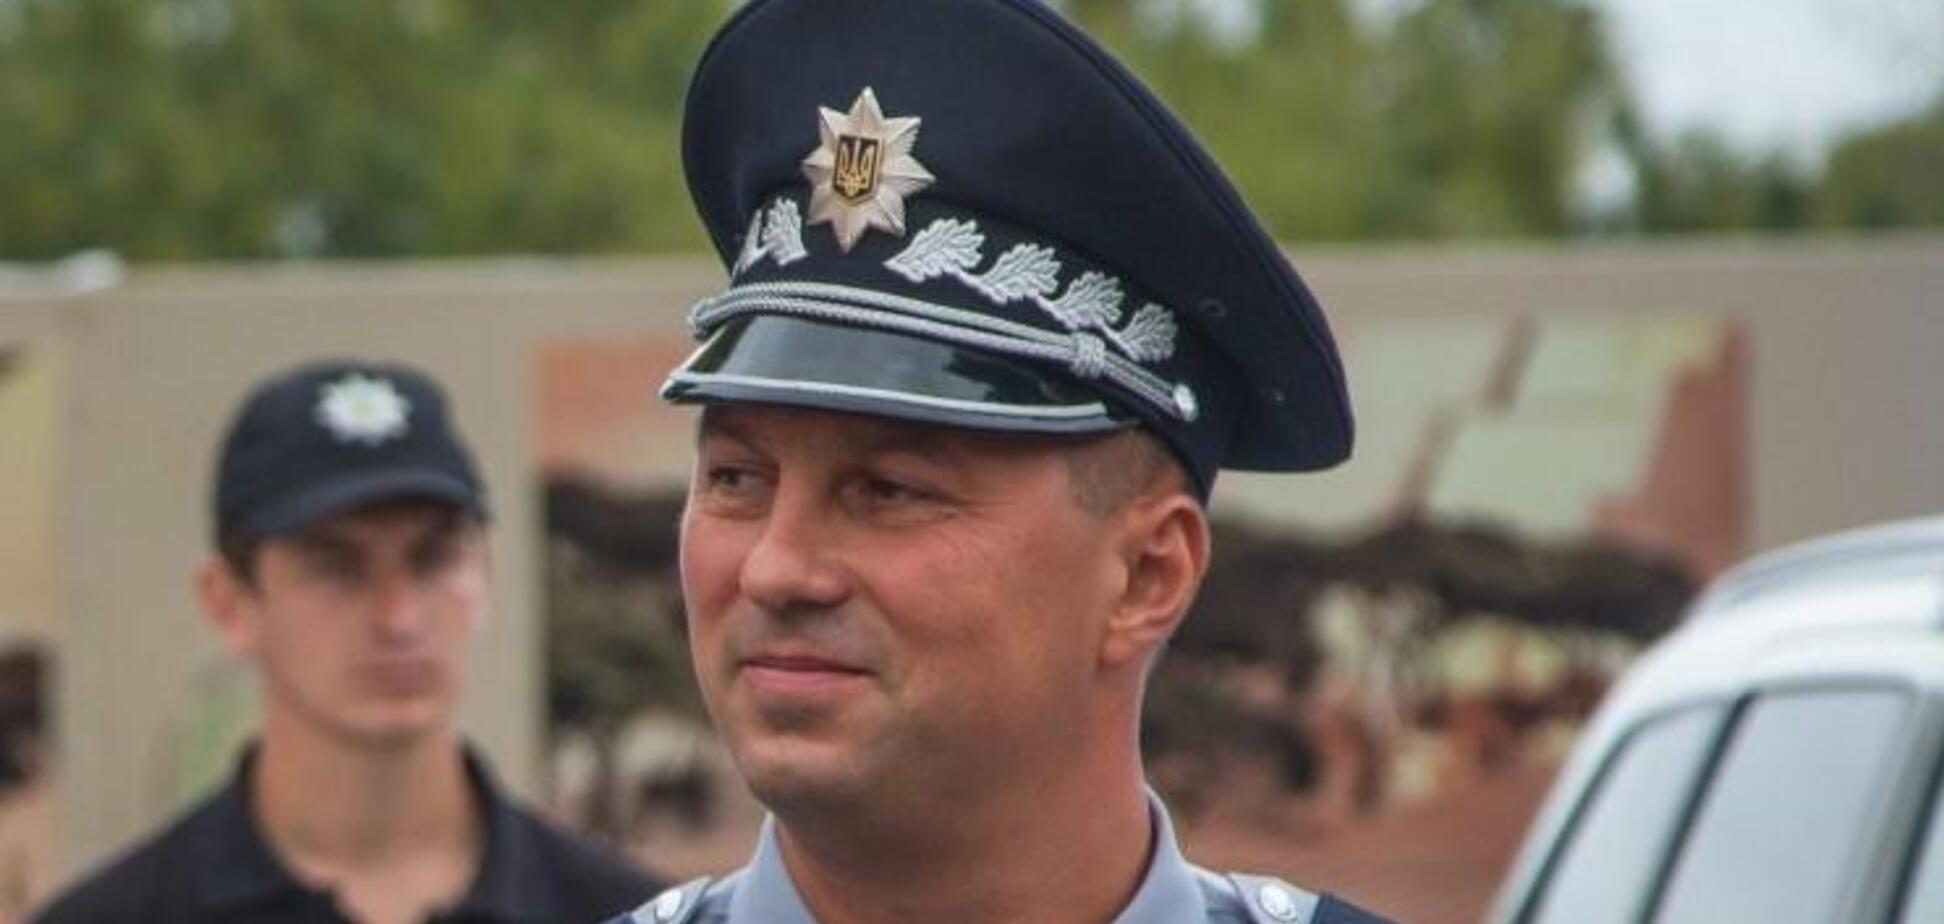 Арешт екс-глави поліції Одещини: з'явилися скандальні подробиці